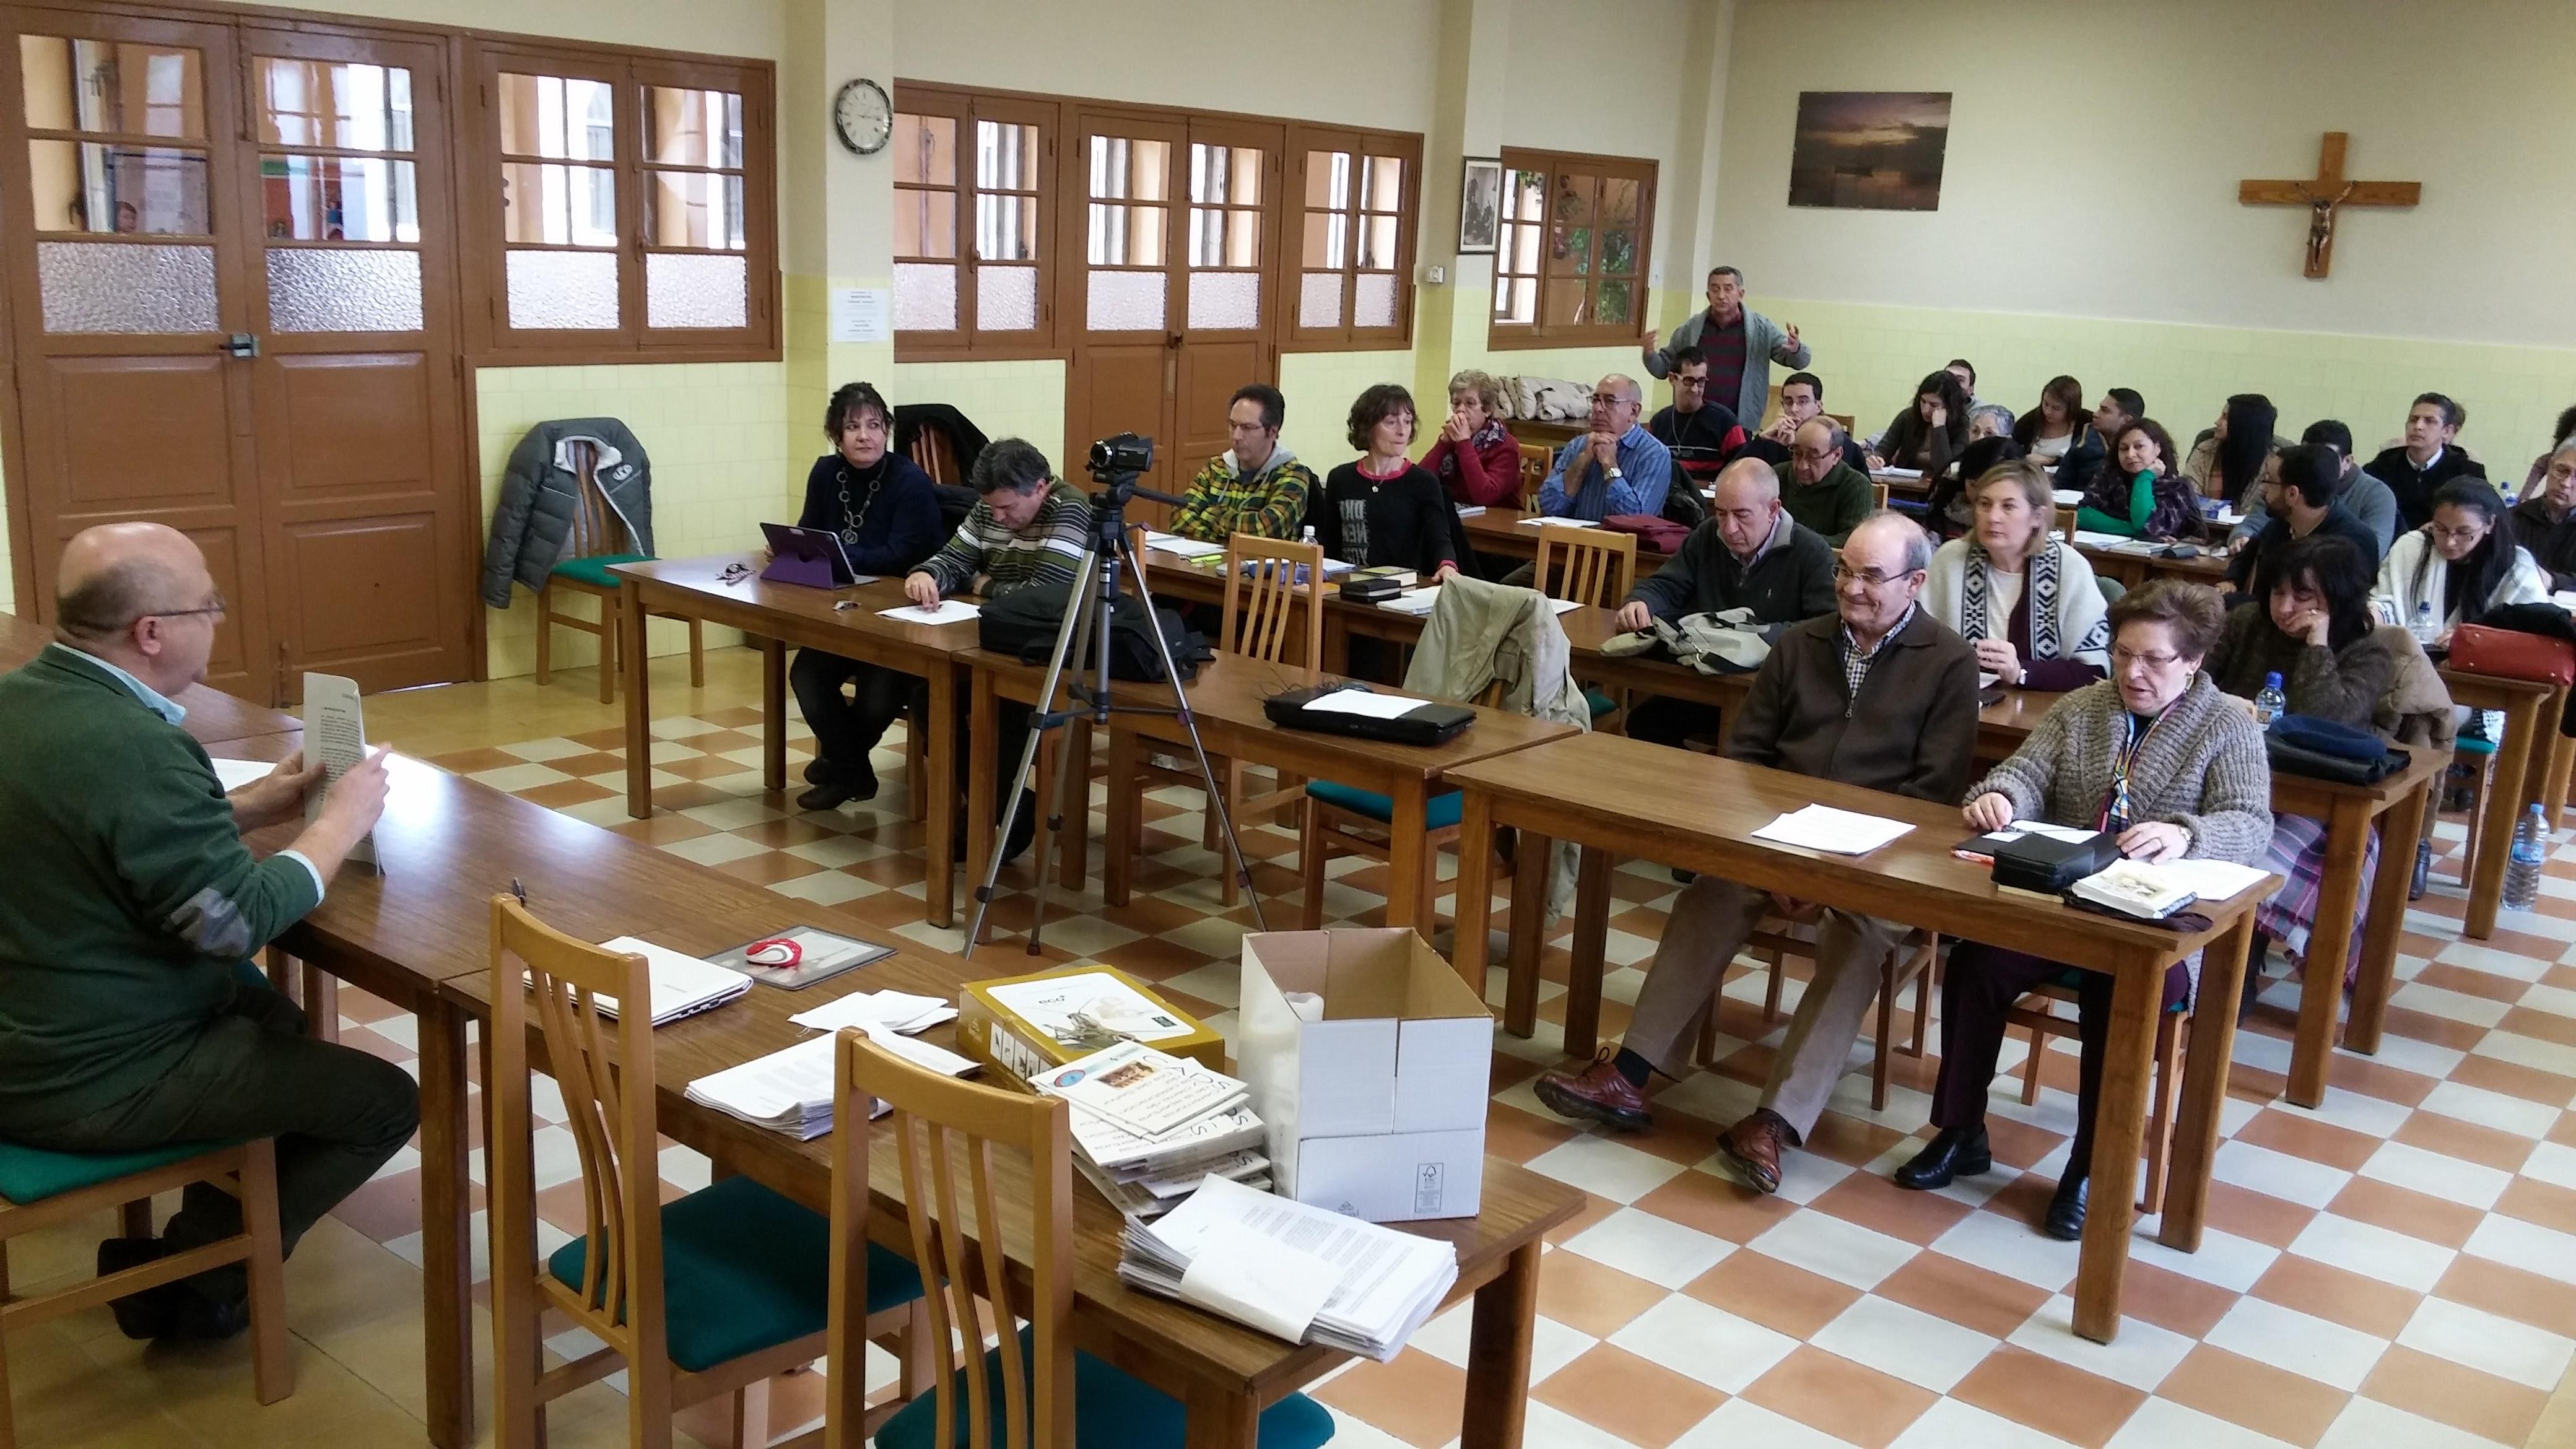 2016.02.27y28 - Retiro de Mística (7 PIEDRAS) (1).jpg